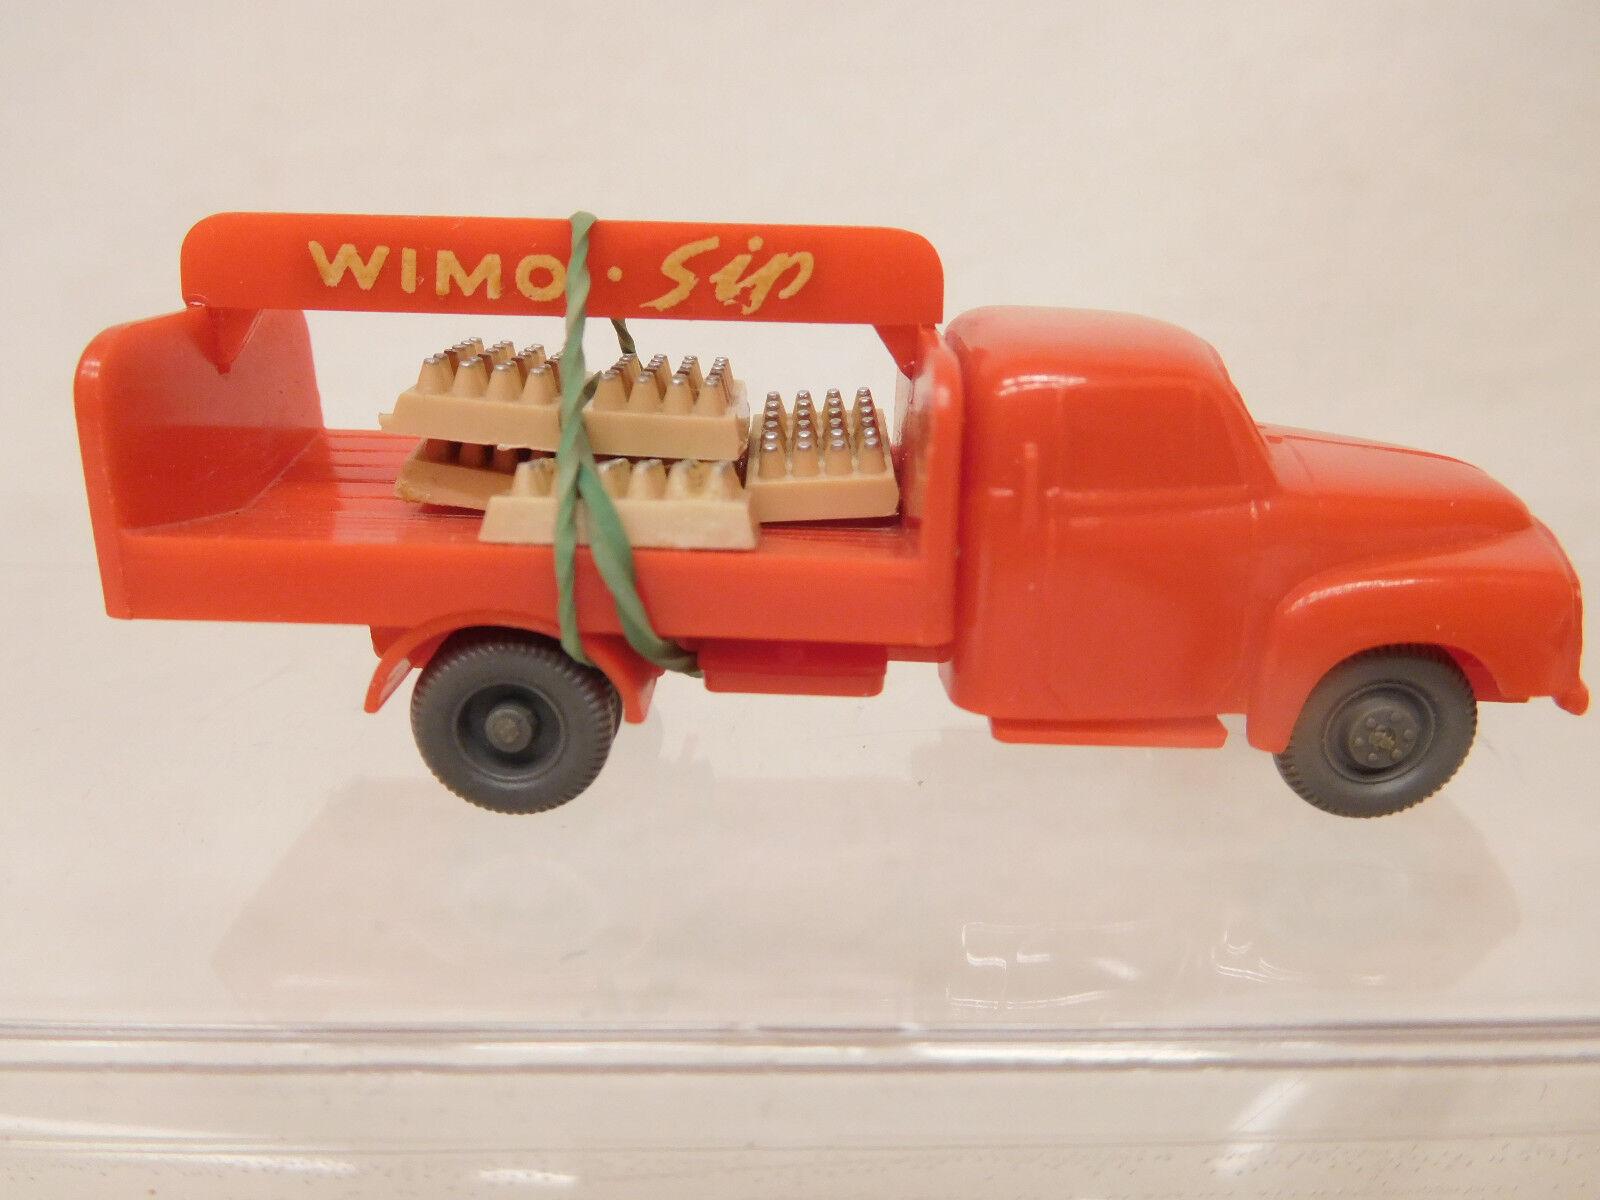 MES-57097 Alter Wiking 1 87 Opel Blitz Wimo-Sip mit minimale Gebrauchsspuren